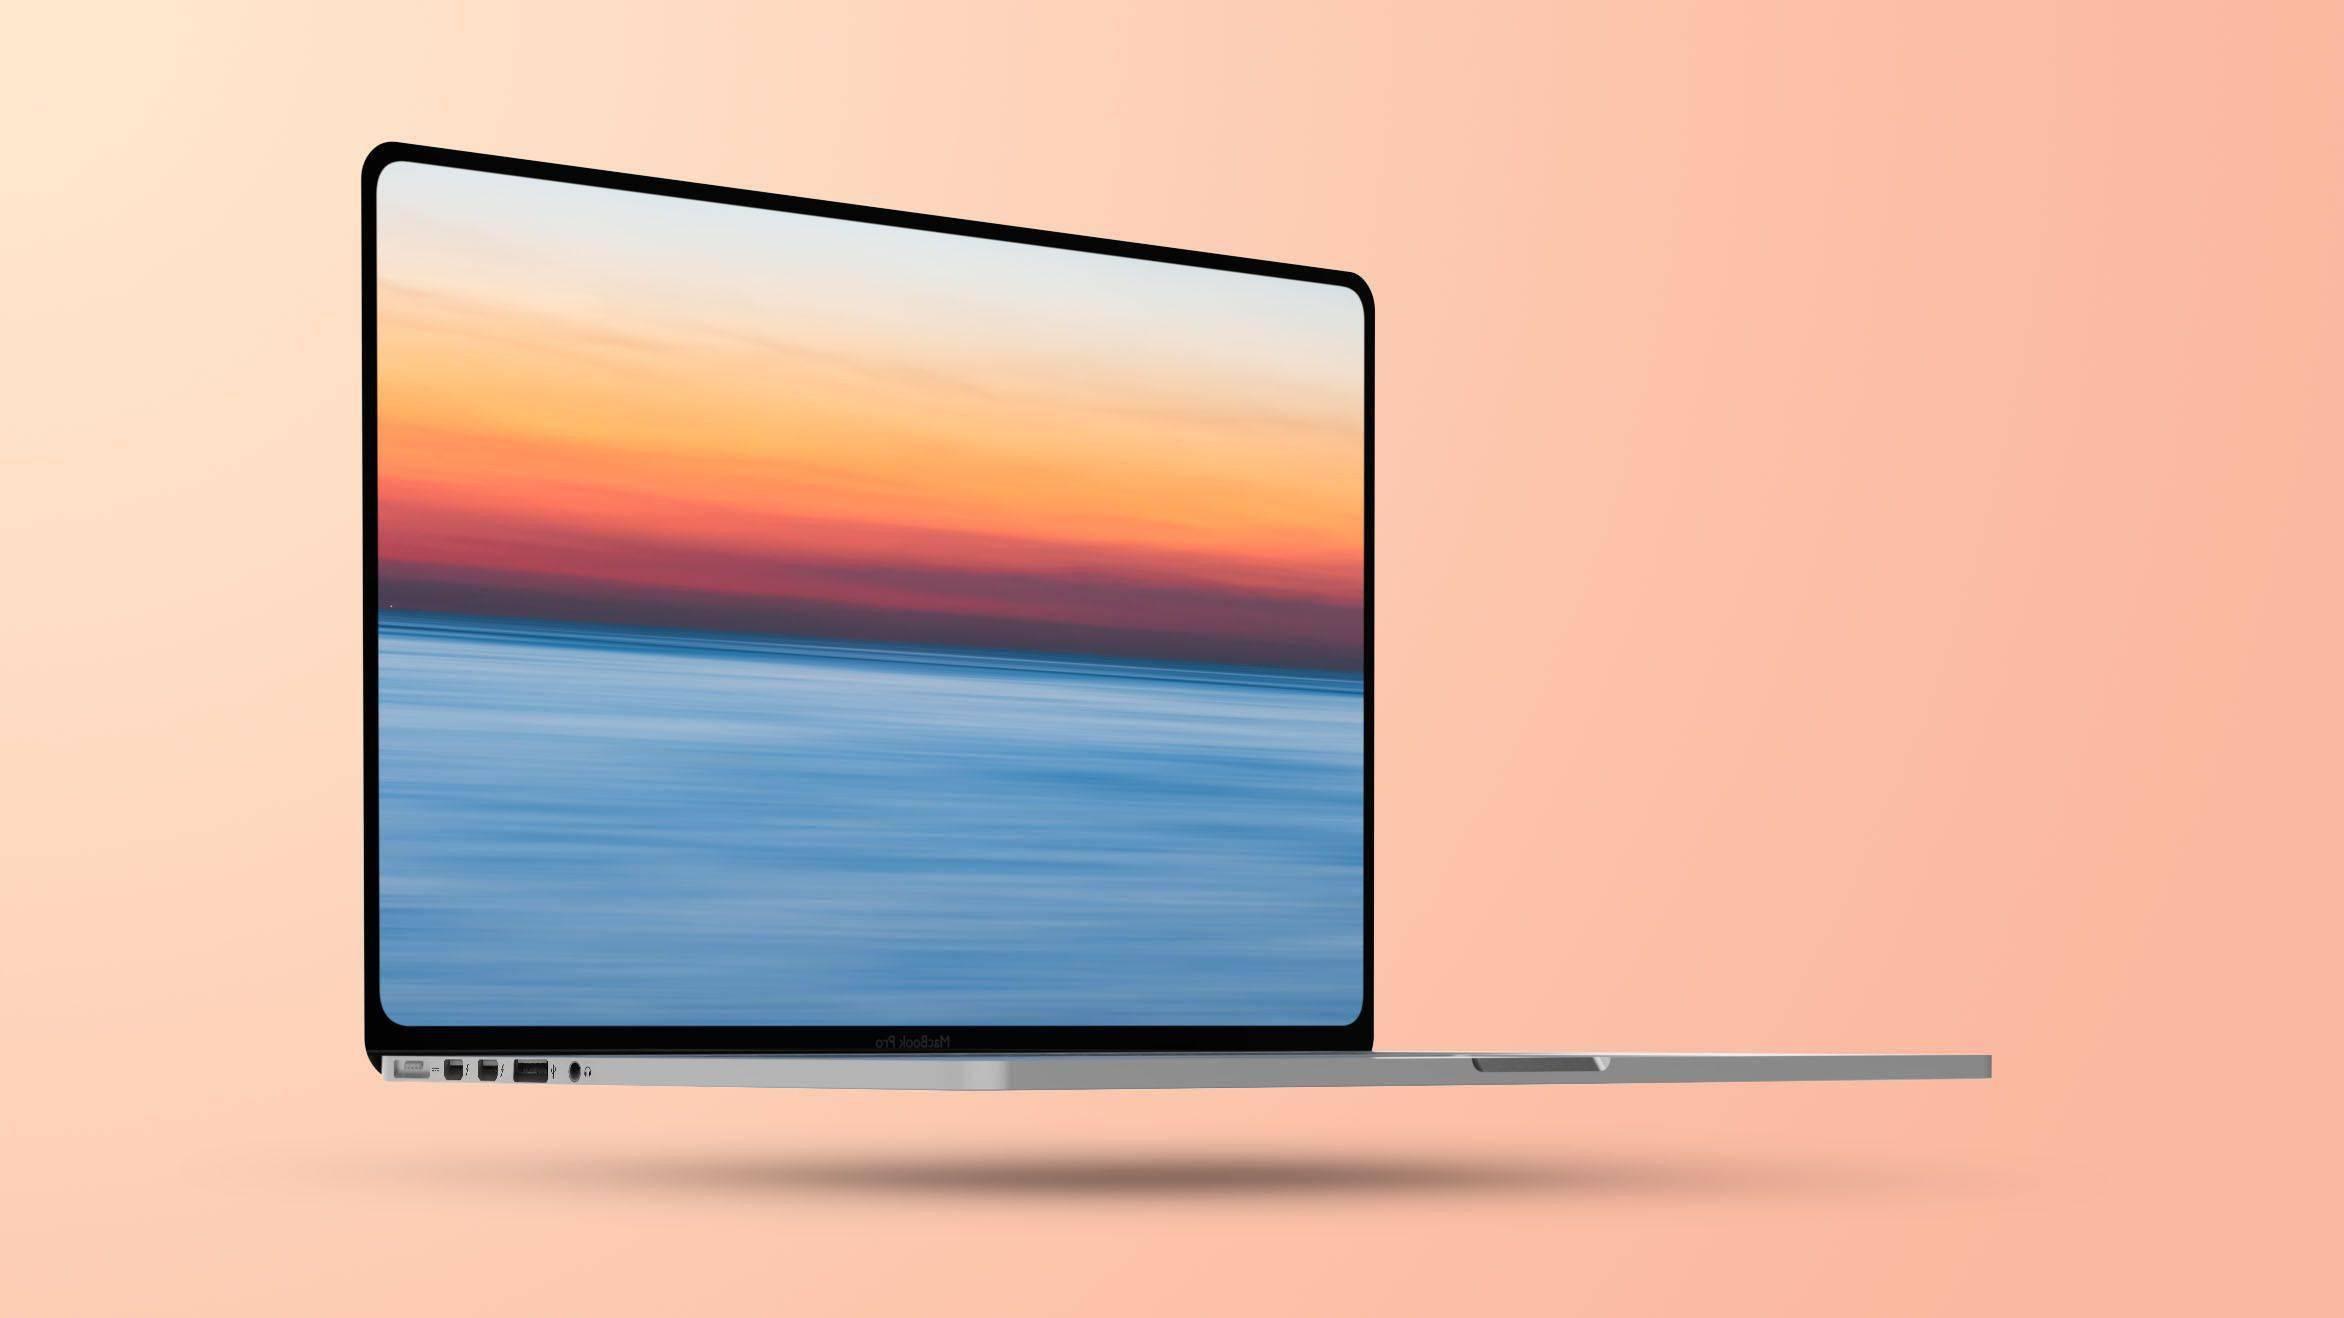 郭明錤:新 MacBook Pro 将拥有 SD 卡插槽和 HDMI 接口